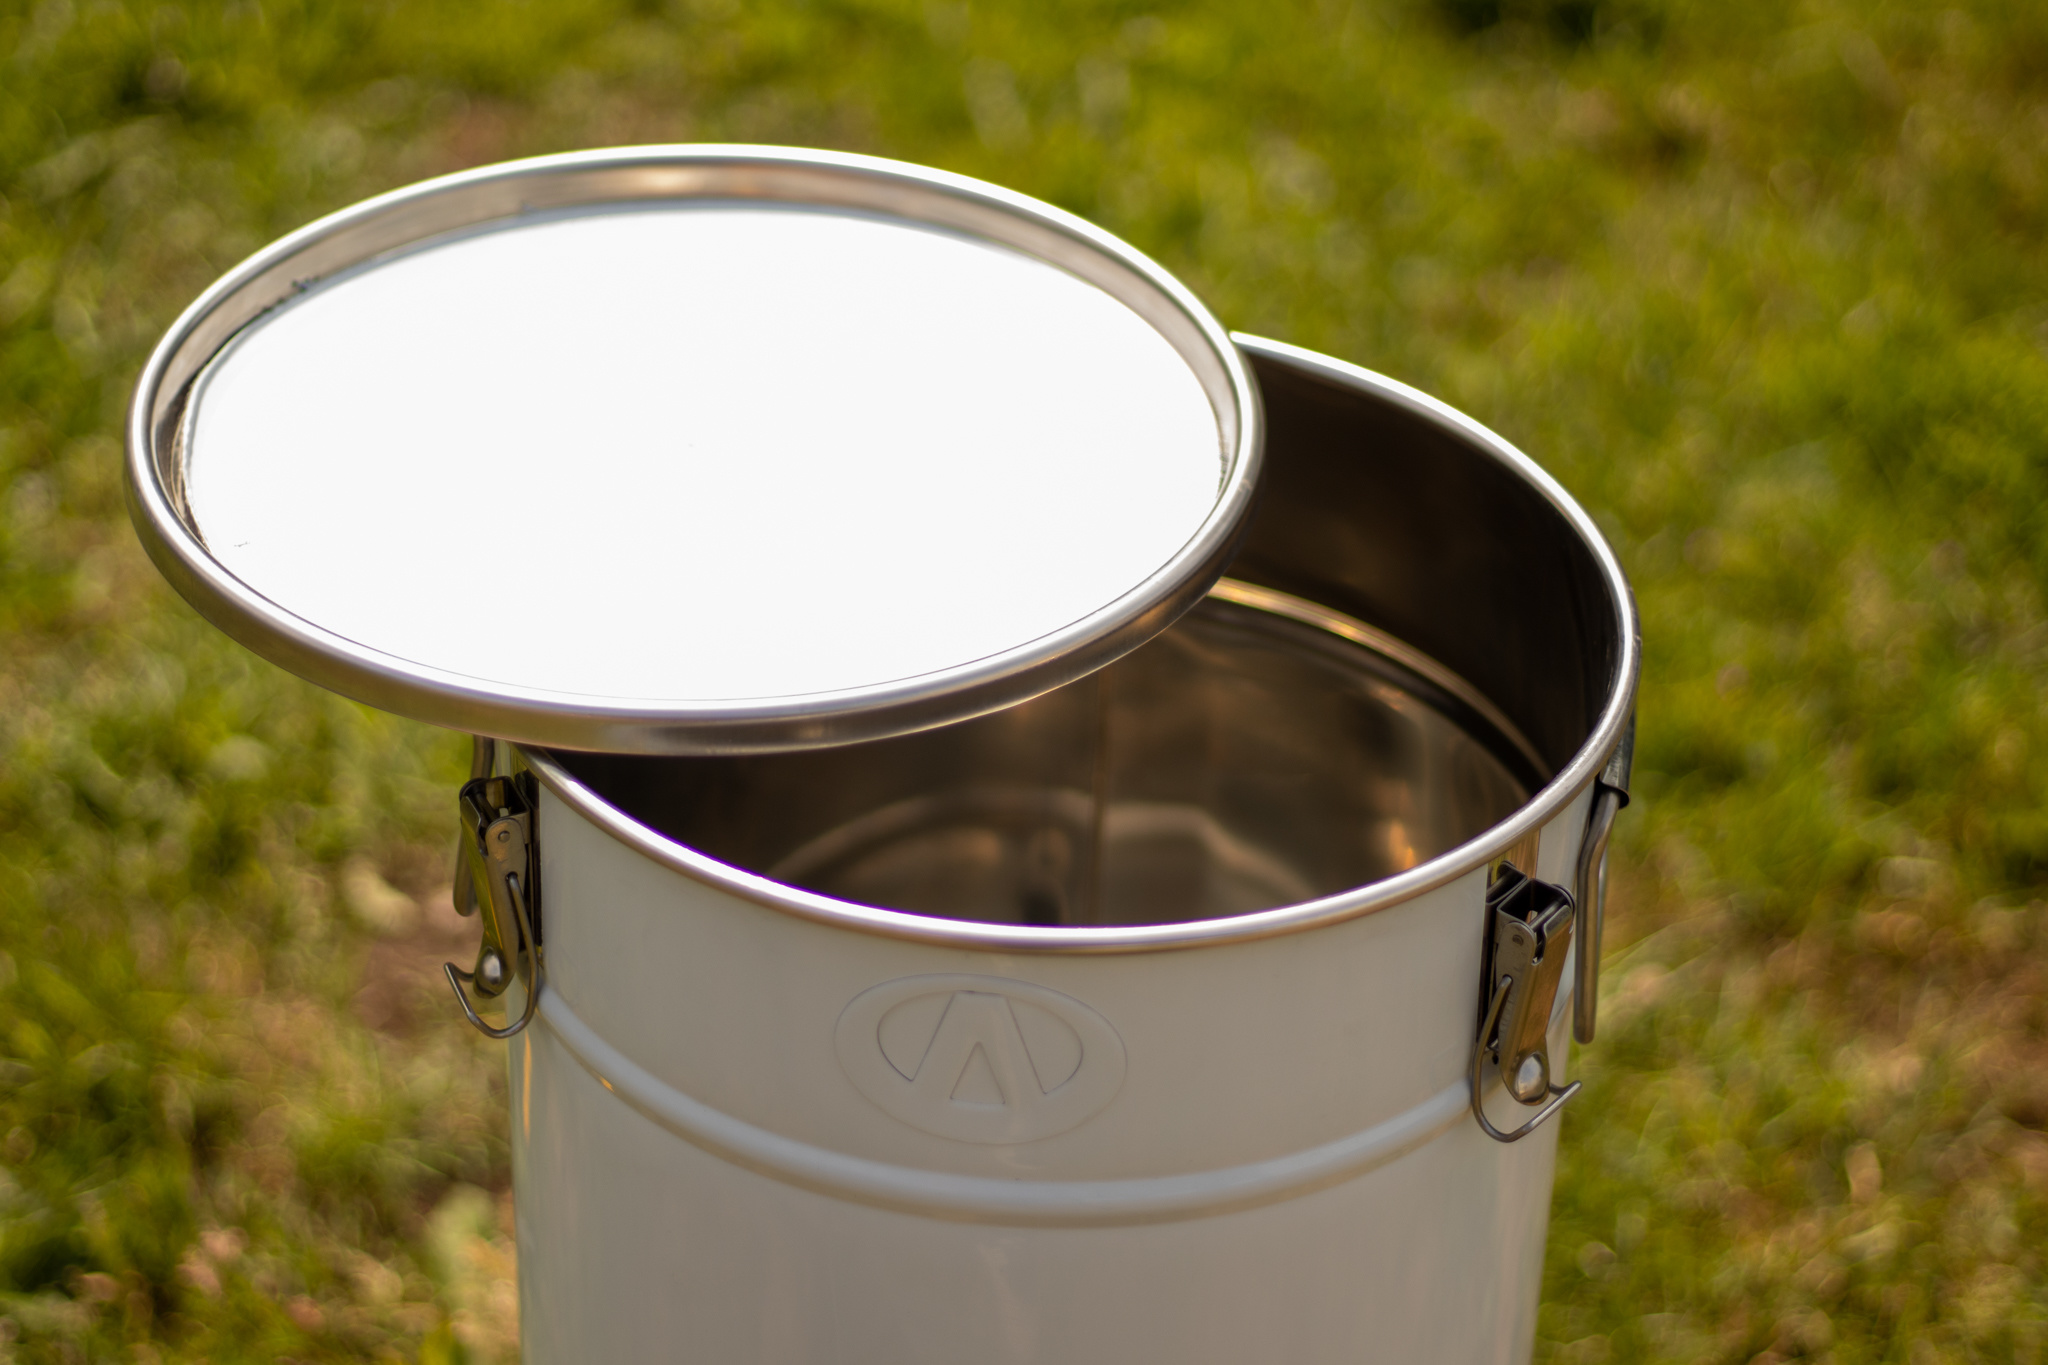 Apini rijper - 50 kg met inox snijkraan en hermetische dichting-3